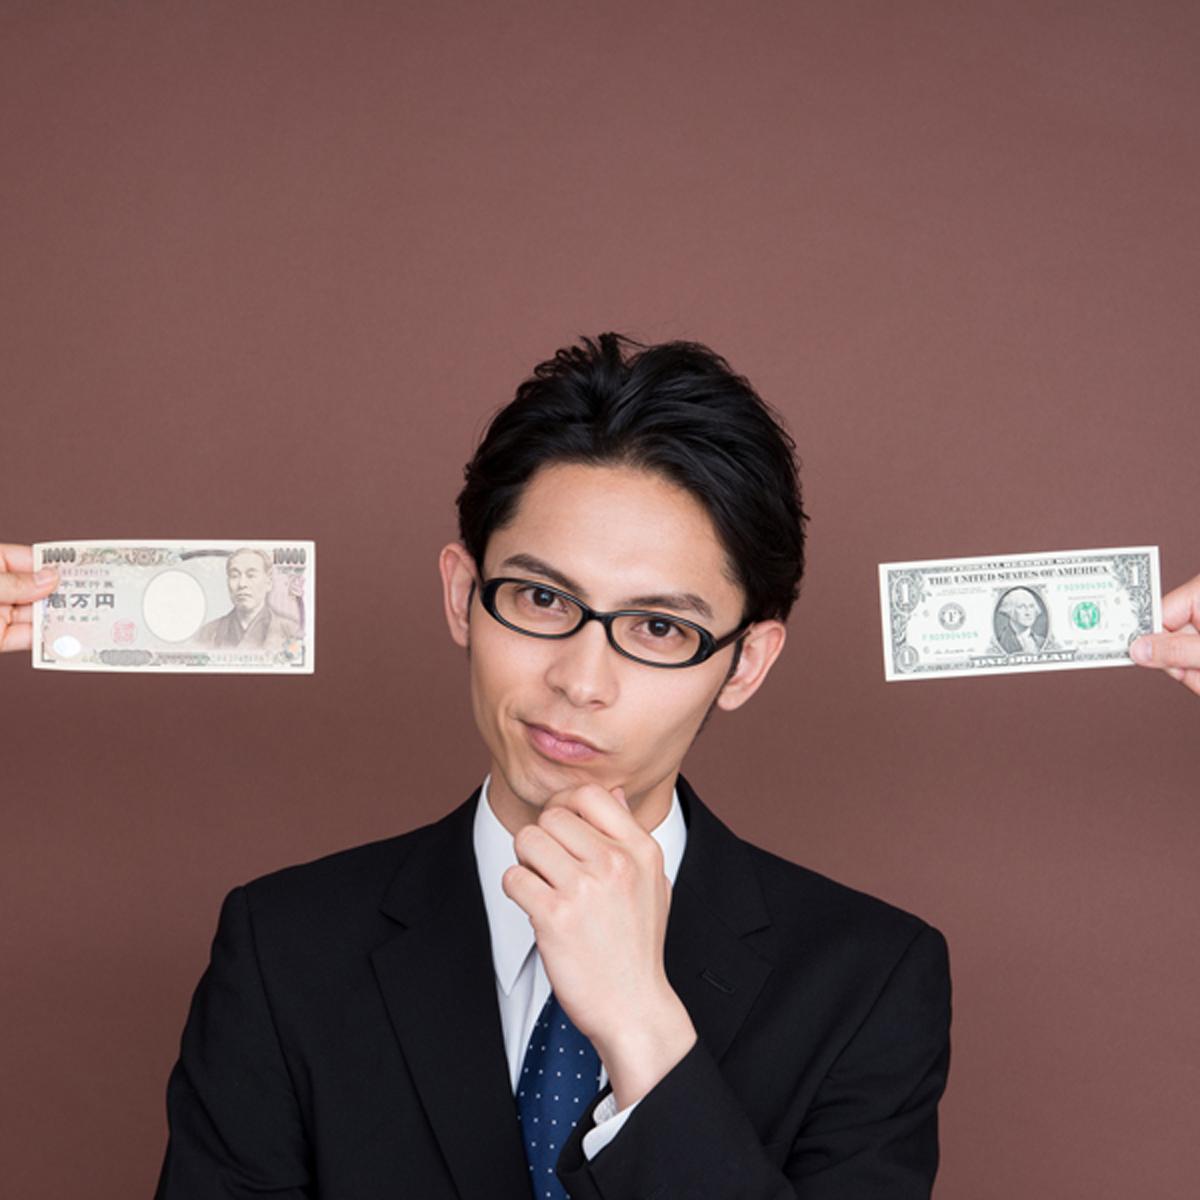 「貯蓄から投資へ」 投資未経験者に伝えたい、お金を増やす6つの方法